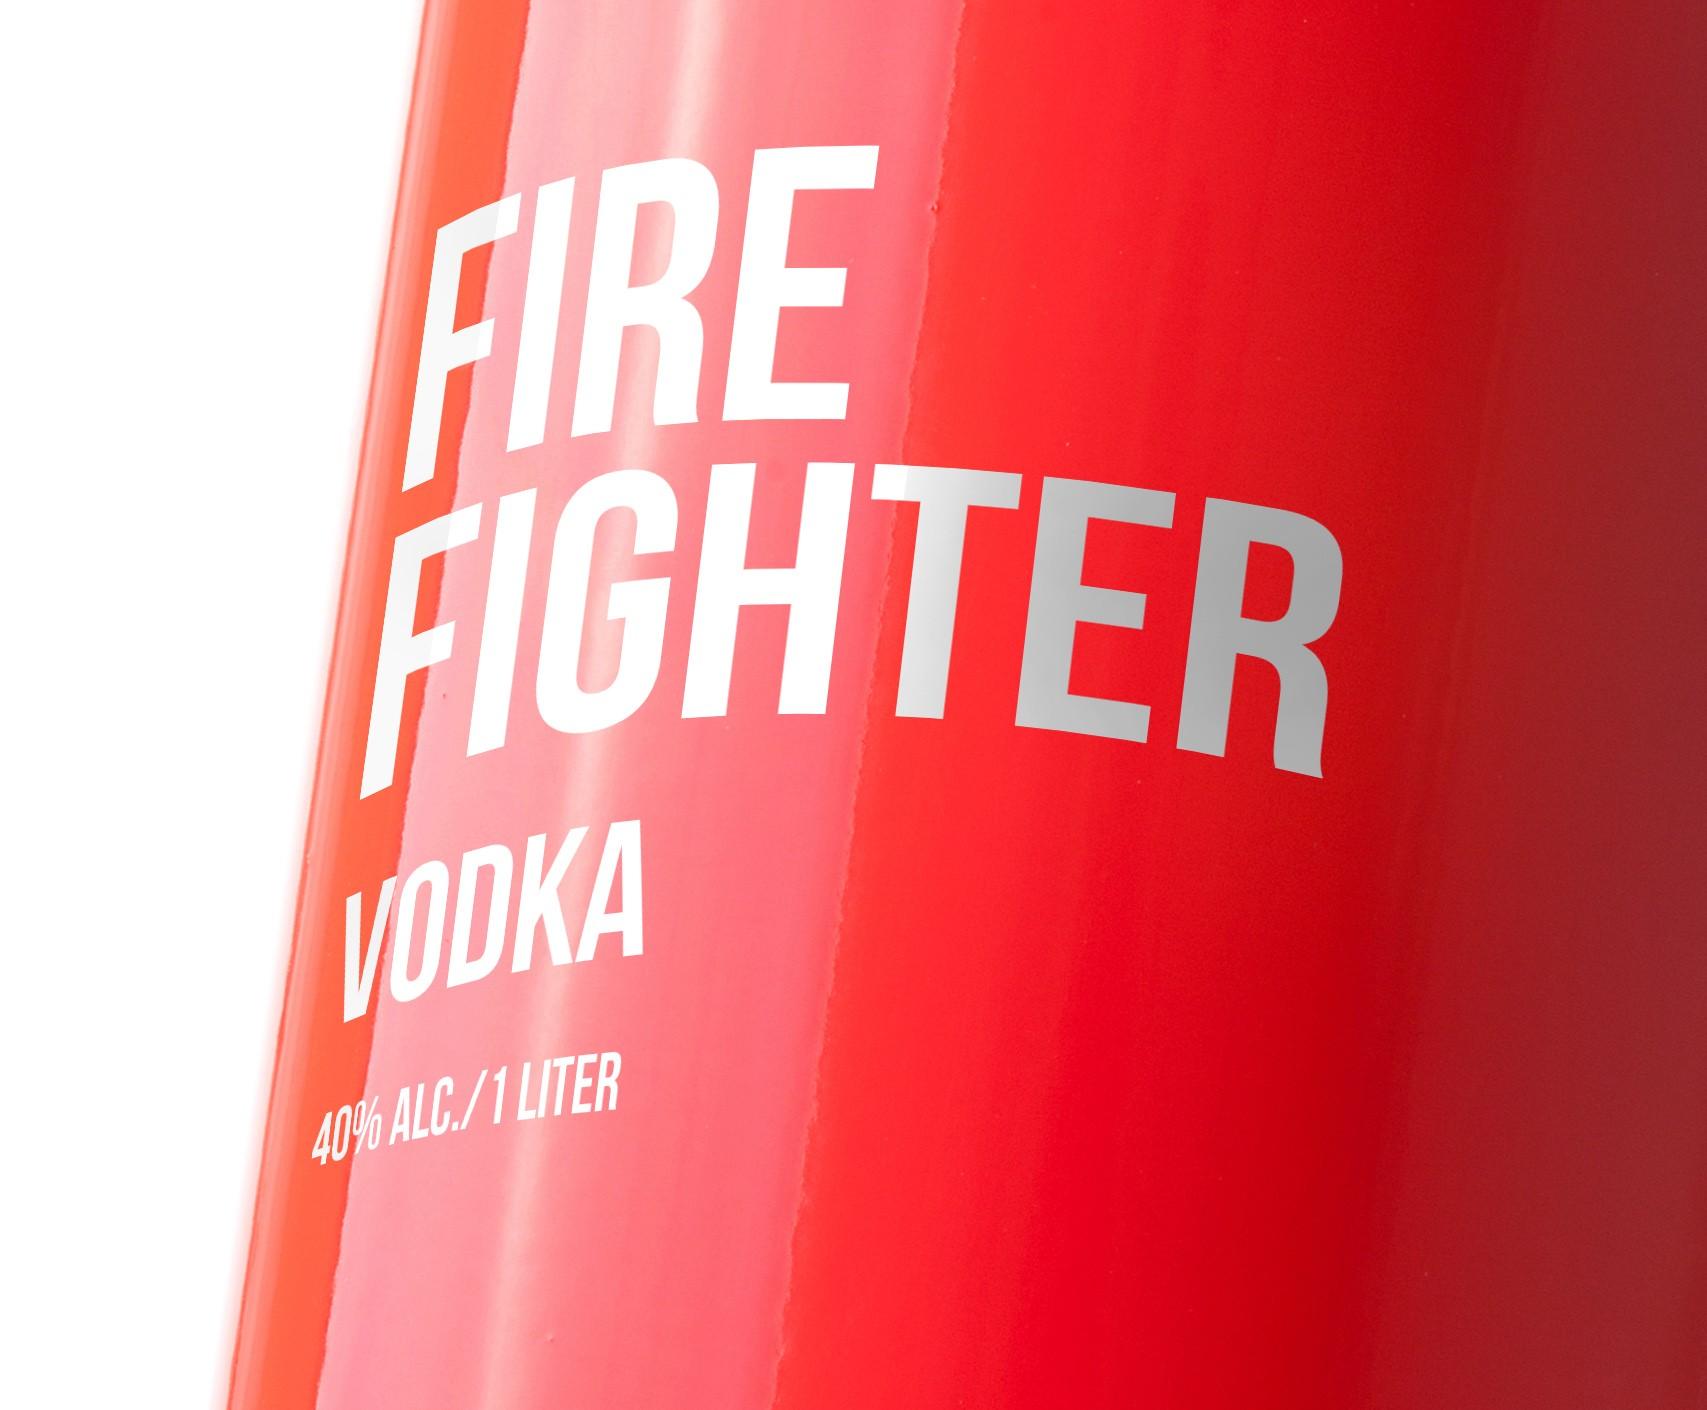 07 firefighter